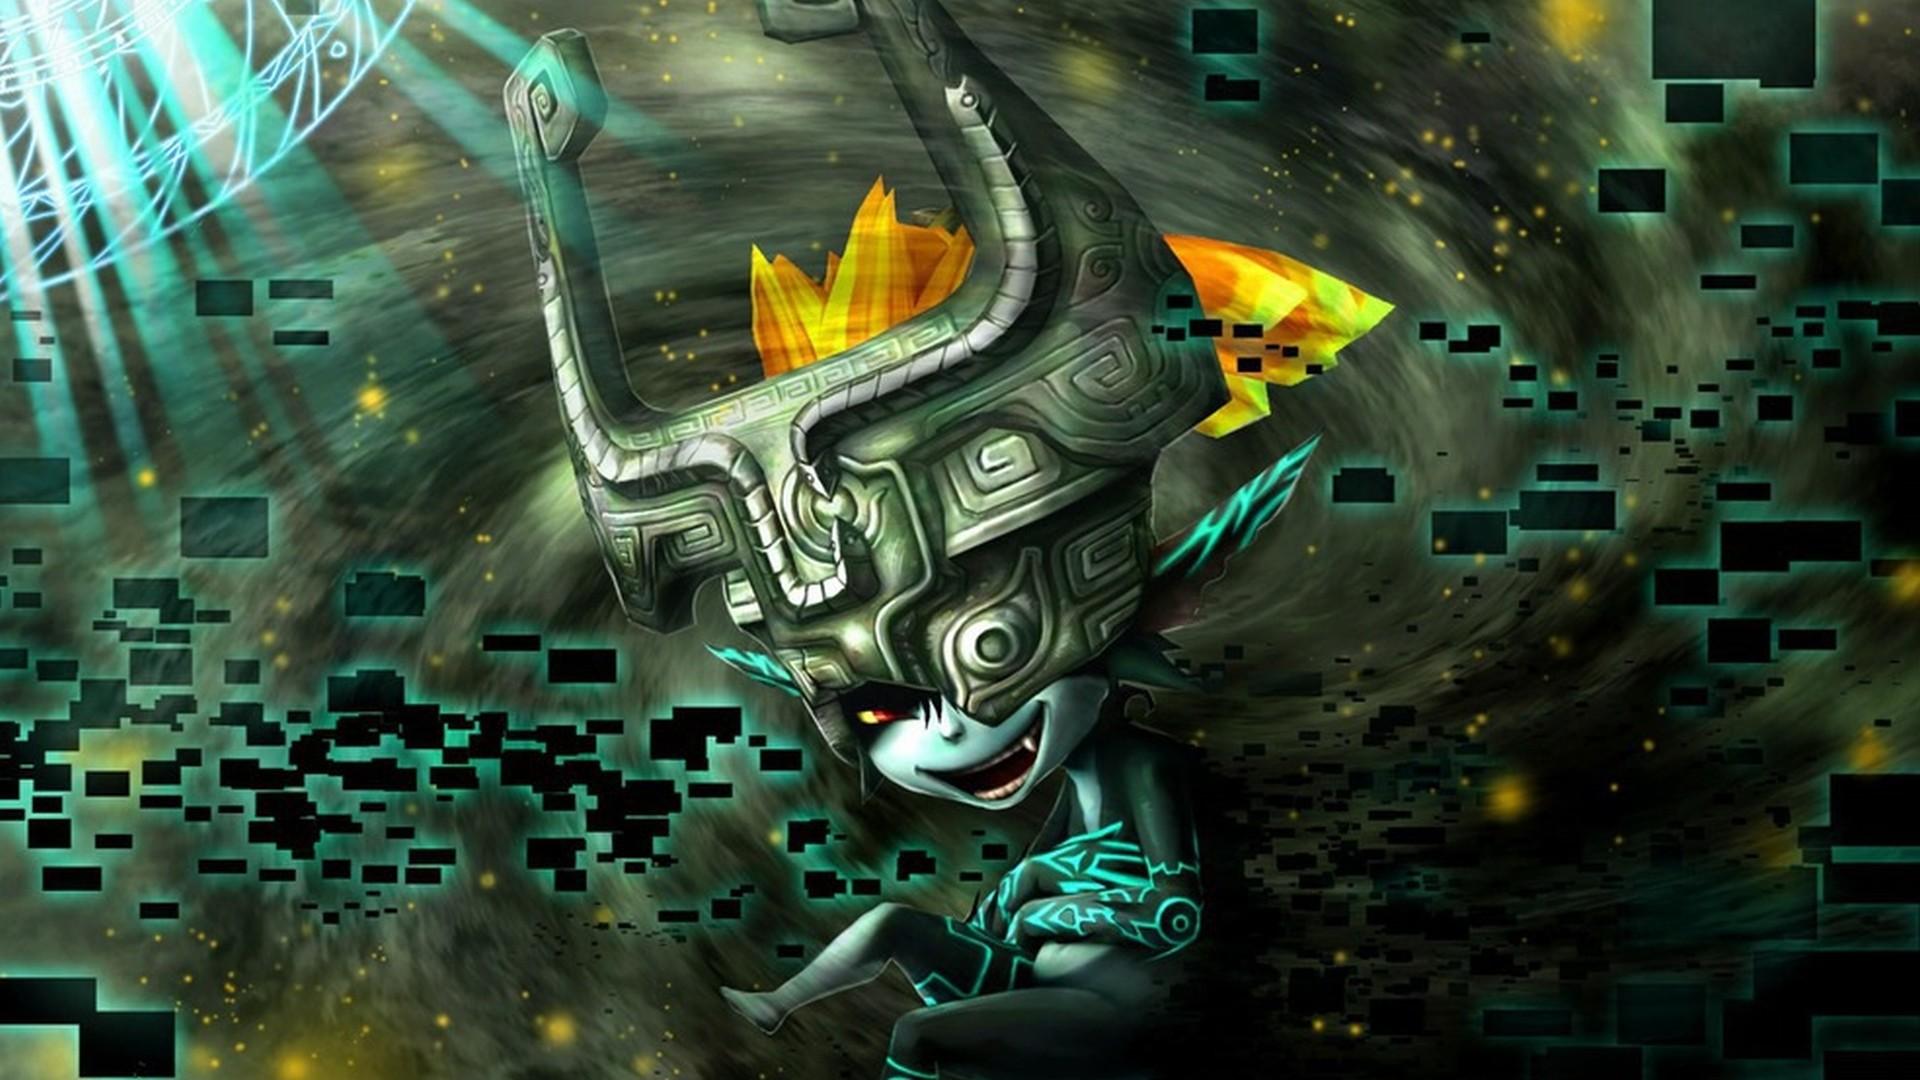 … The Legend of Zelda Wallpaper HD Pixels Talk